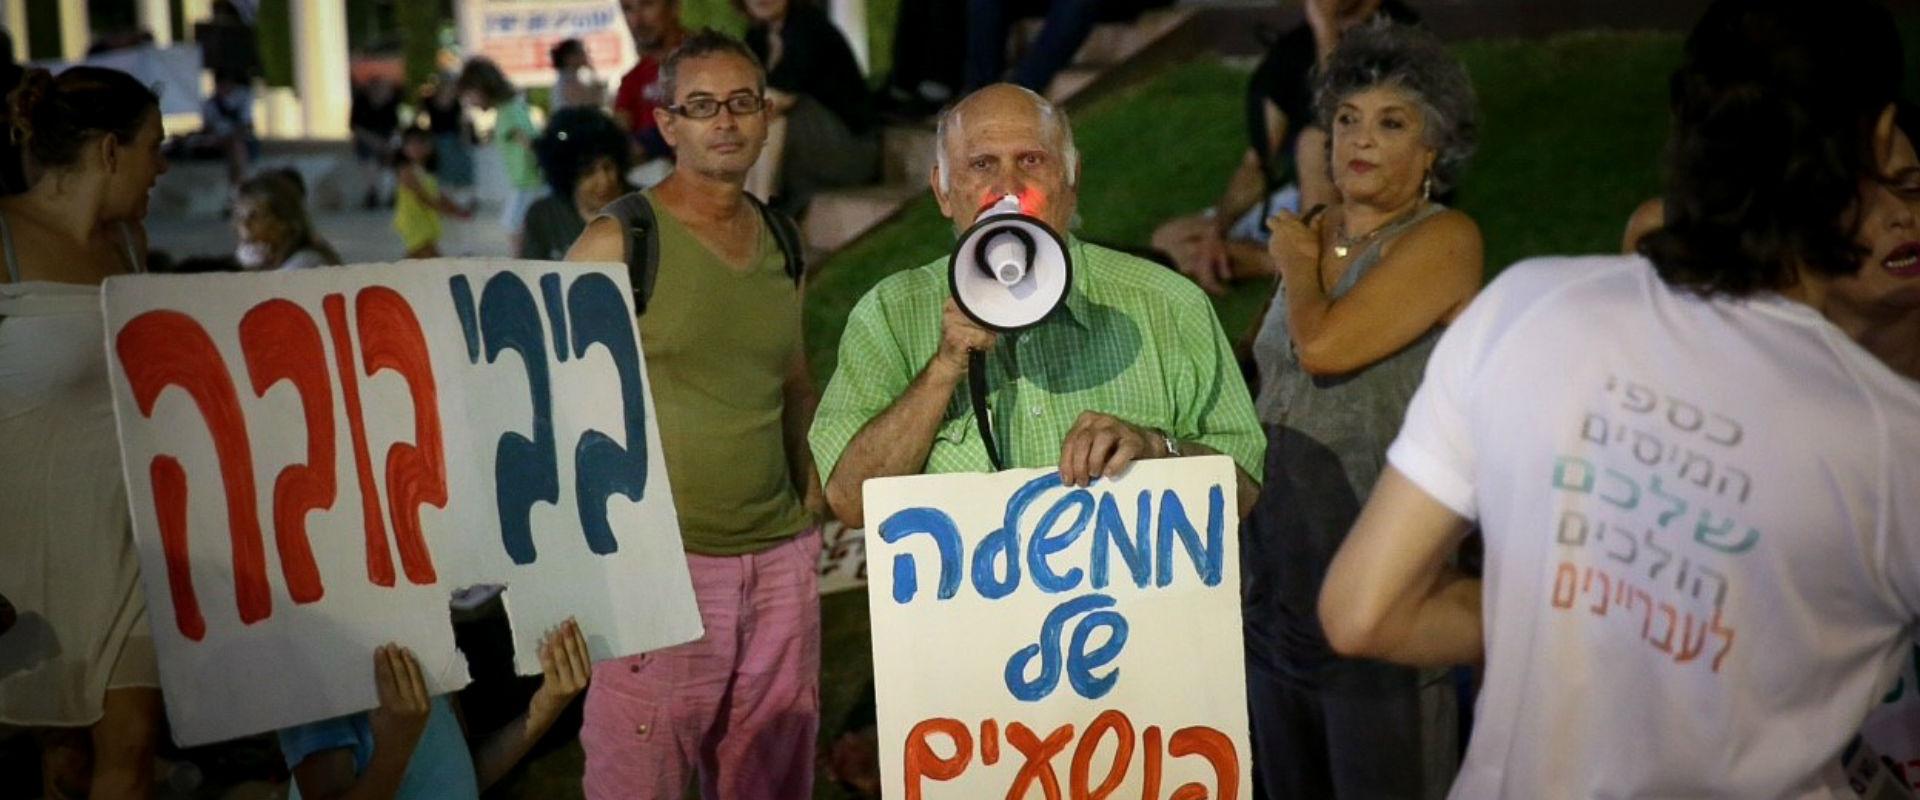 הפגנה מול ביתו של מנדלבליט